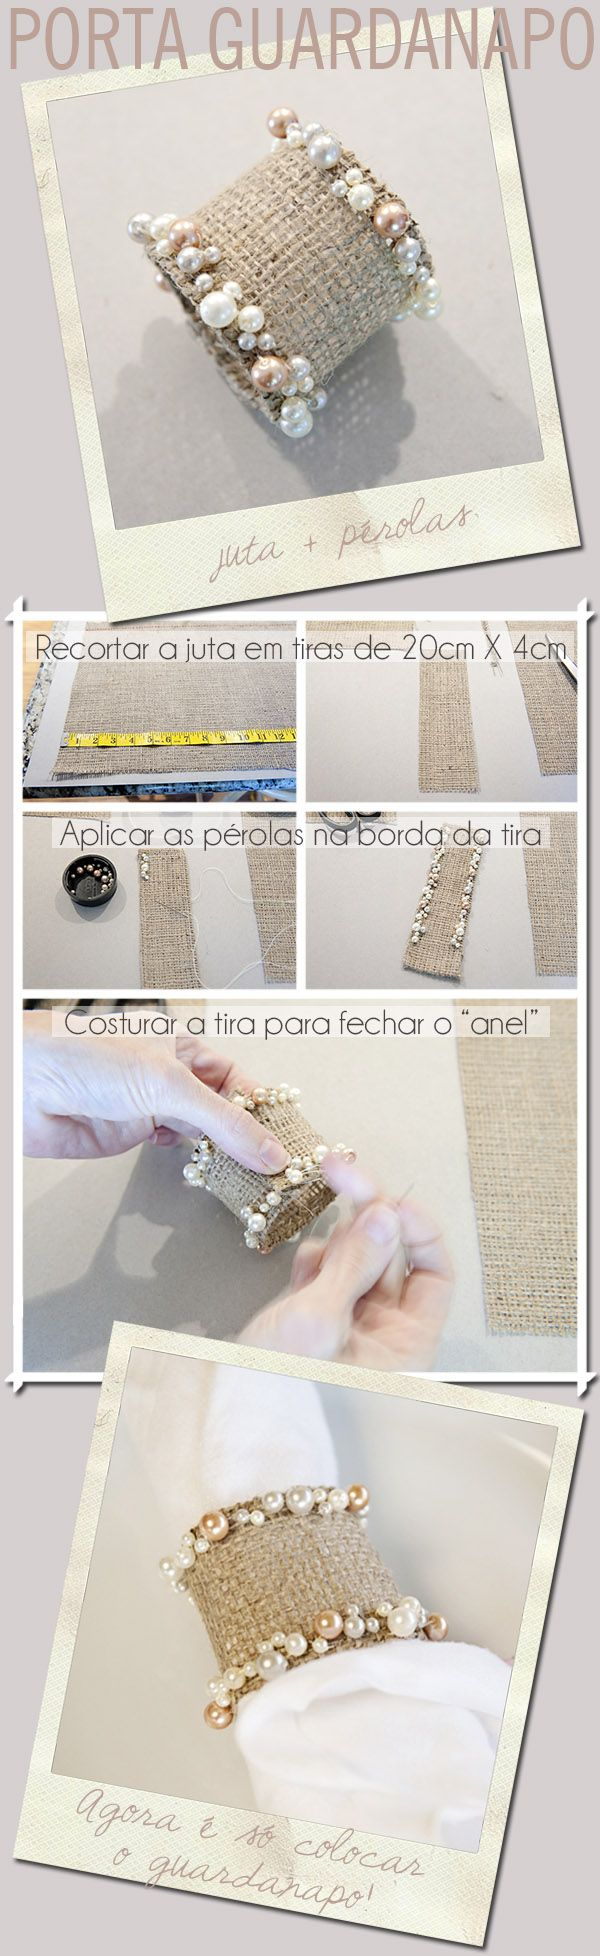 DIY-PORTA-GUARDANAPO.jpg (600×1956)